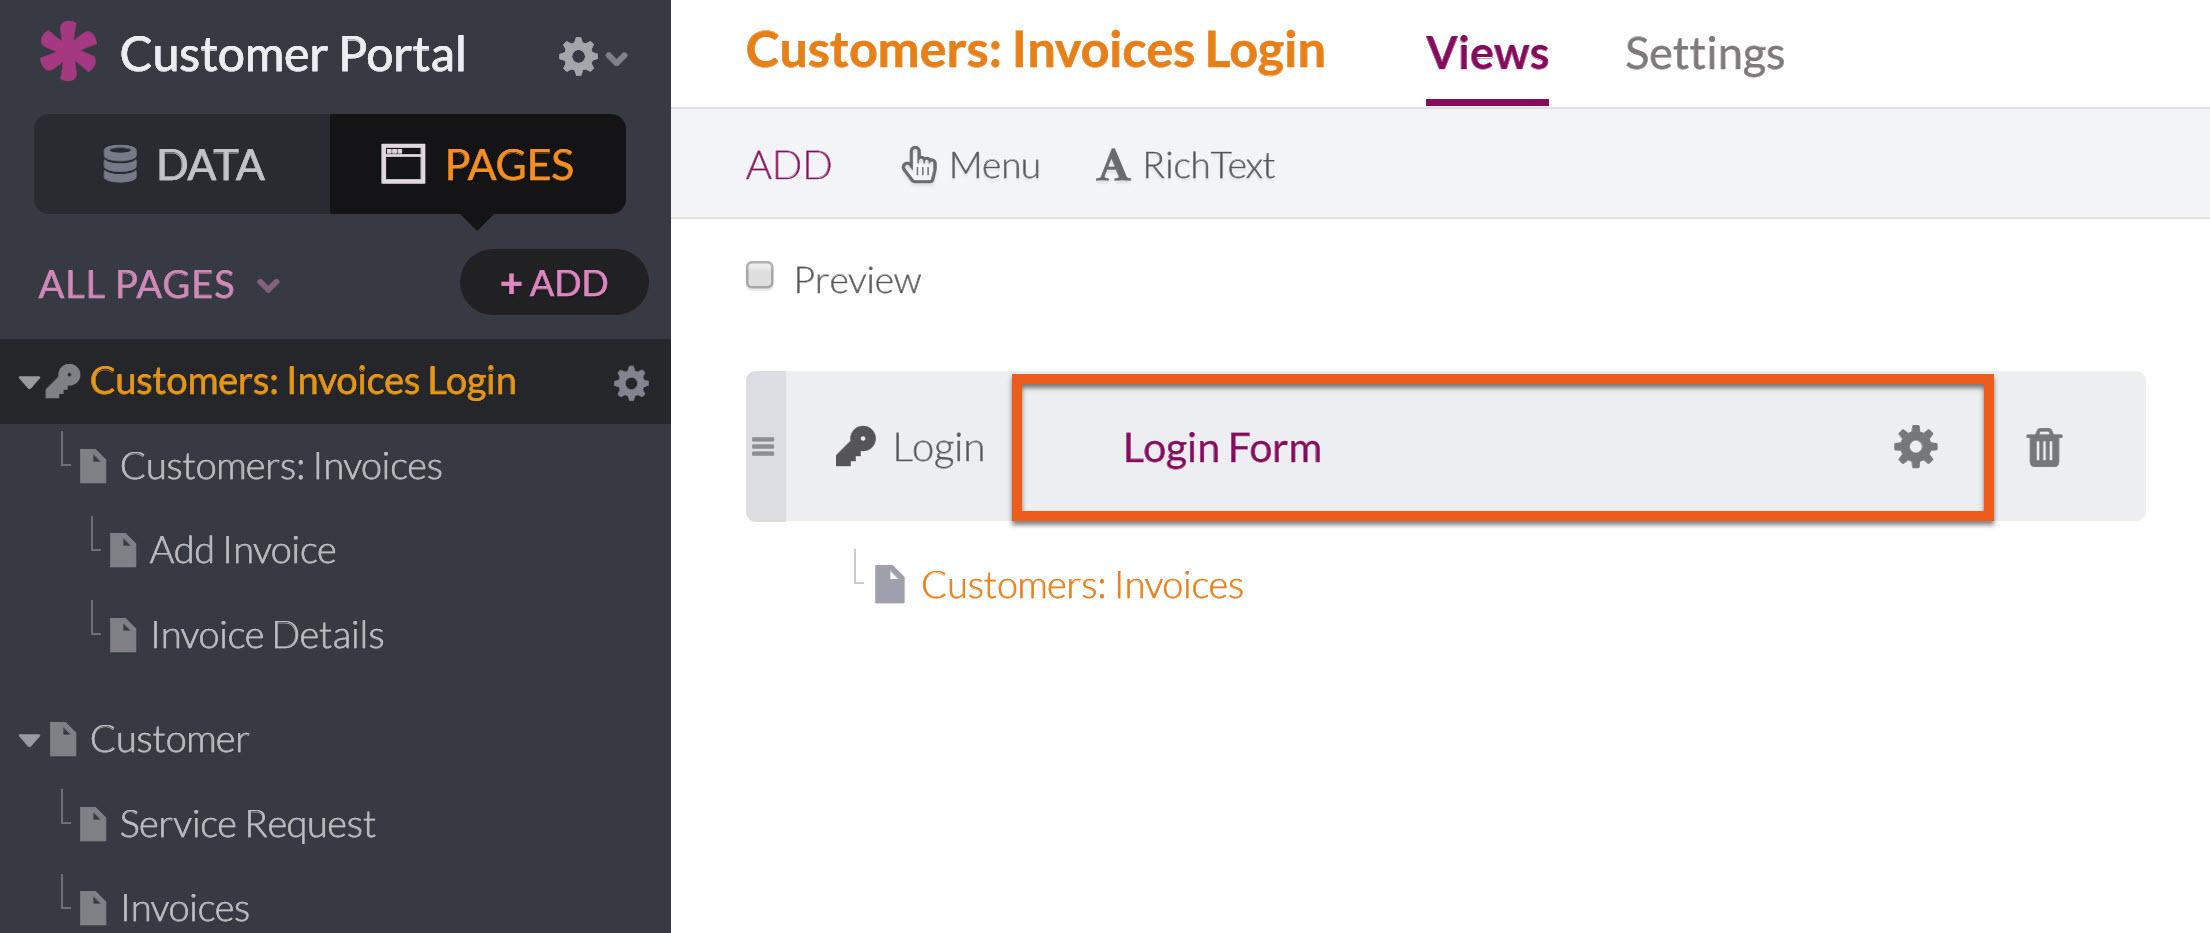 logins and registrations knack